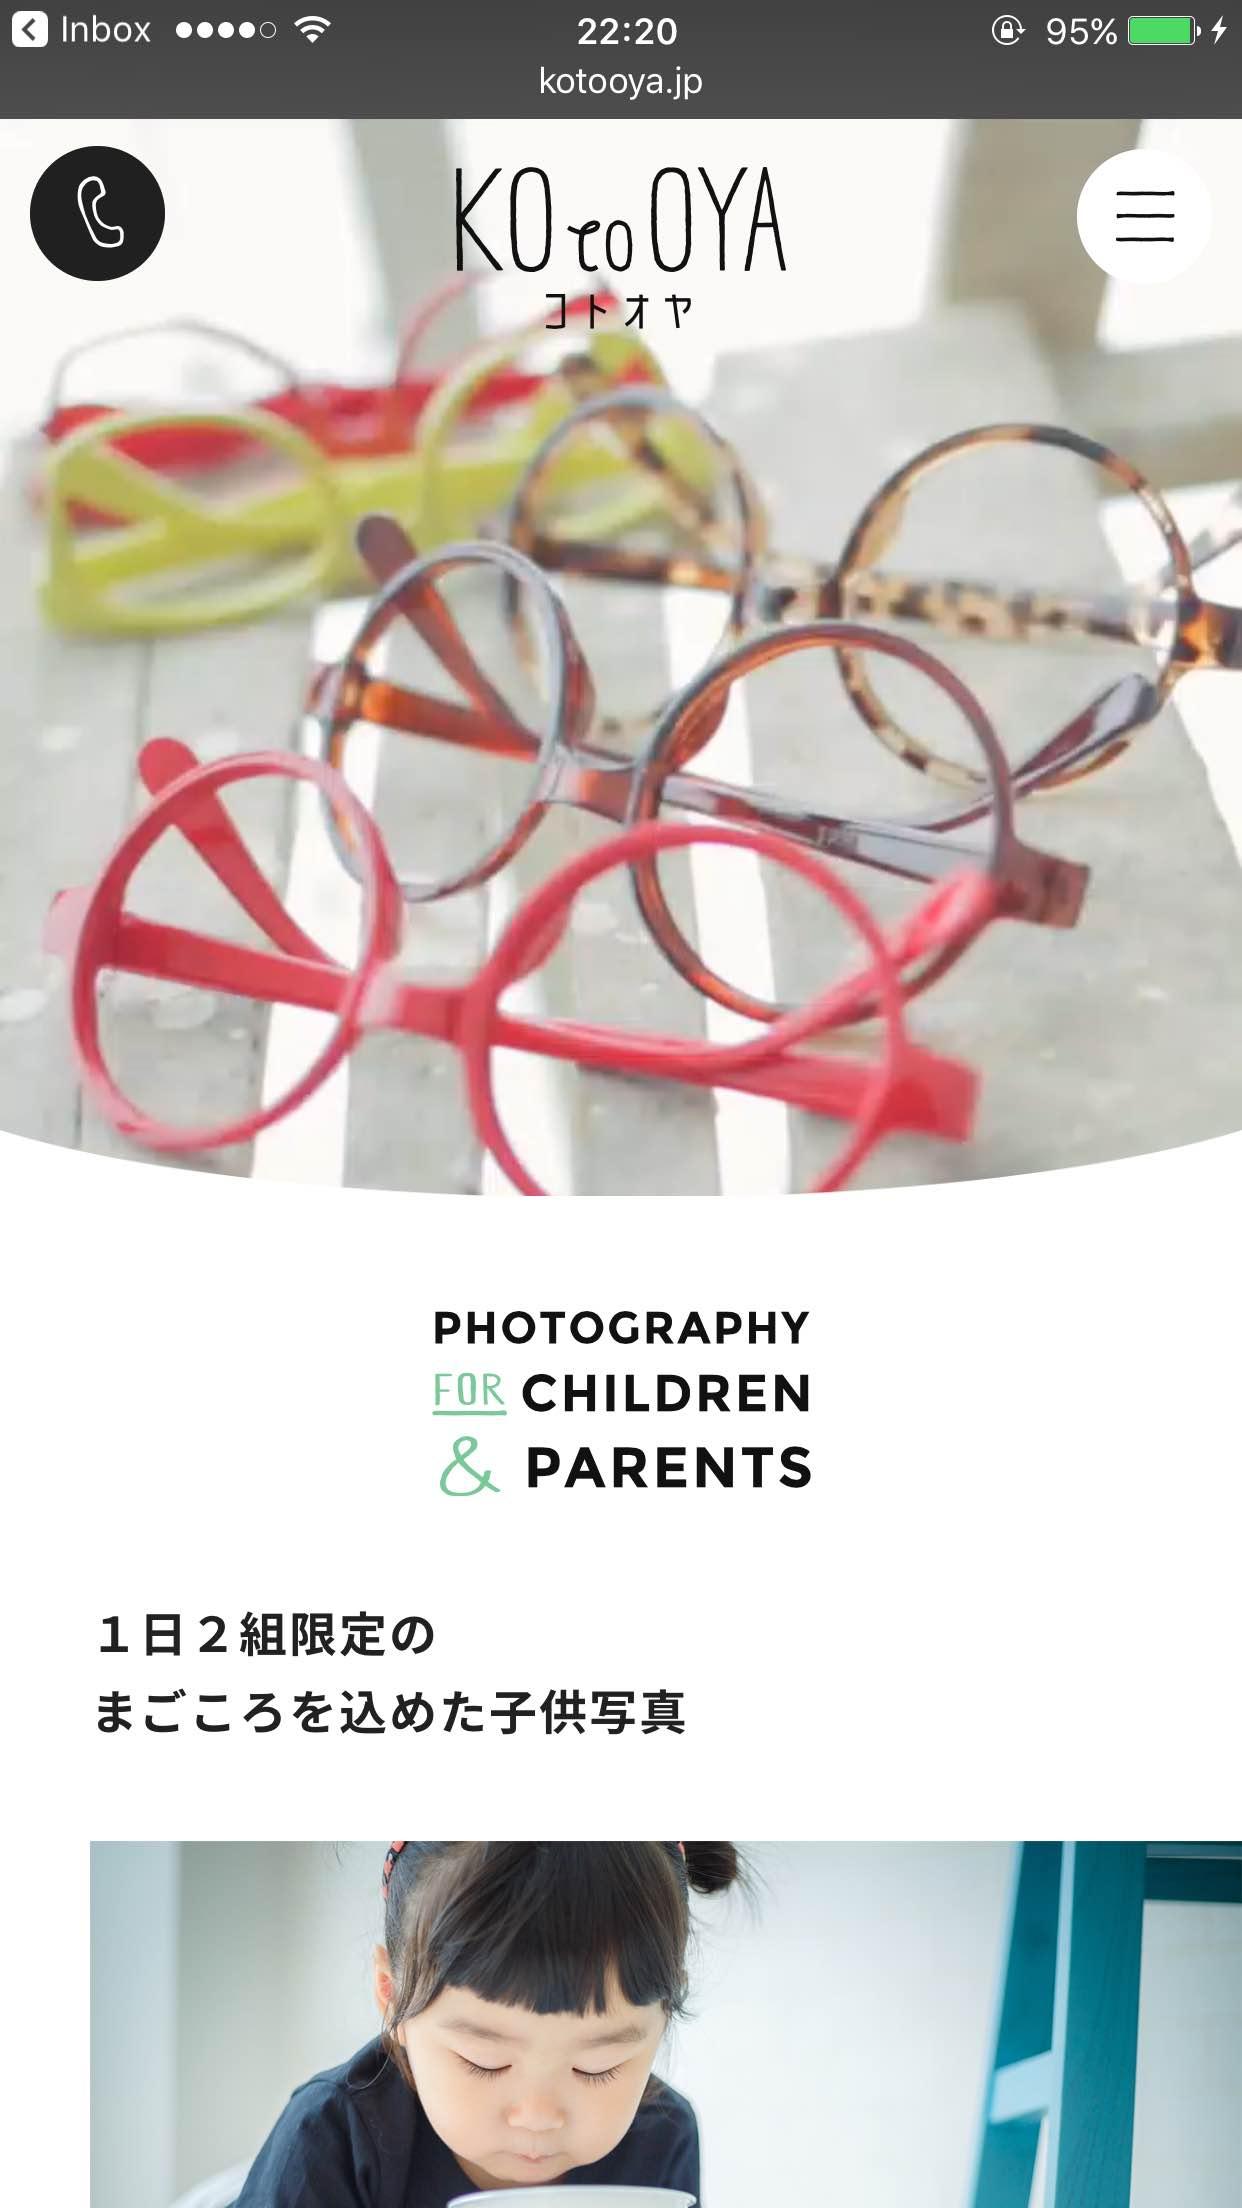 京都・大阪・奈良・姫路・岡山で七五三などの子供写真 【KOtoOYA】